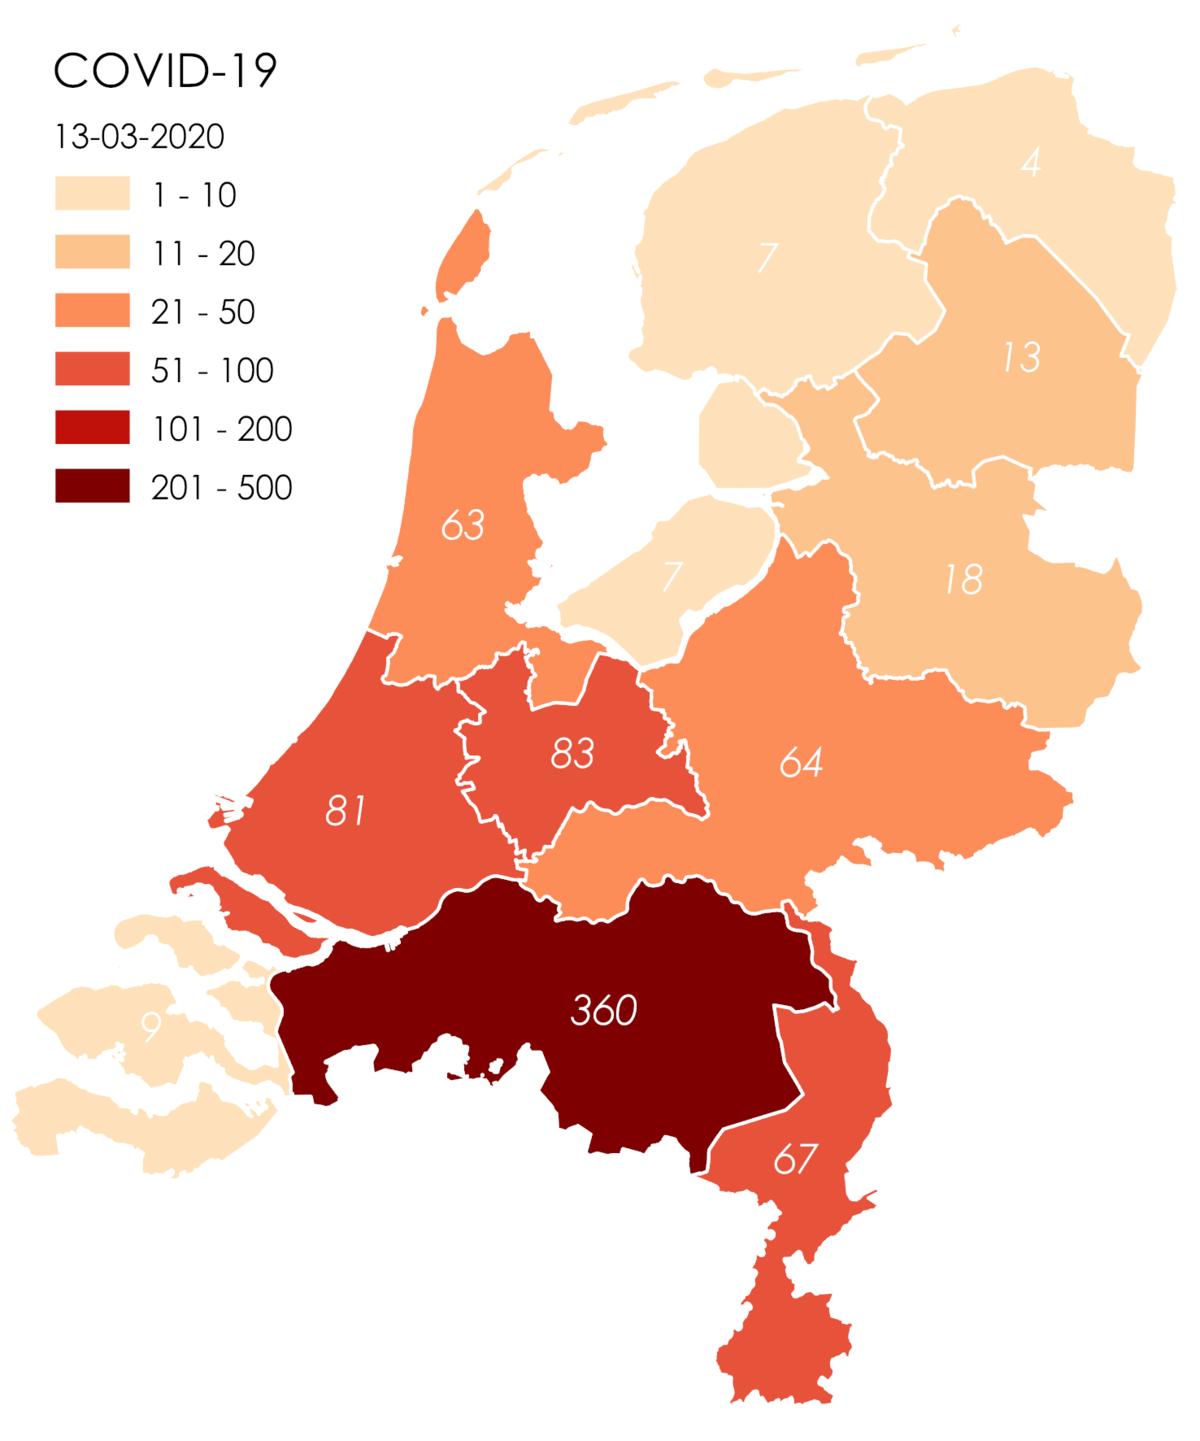 Coronavirus First Case In China: 2020 Coronavirus Pandemic In The Netherlands